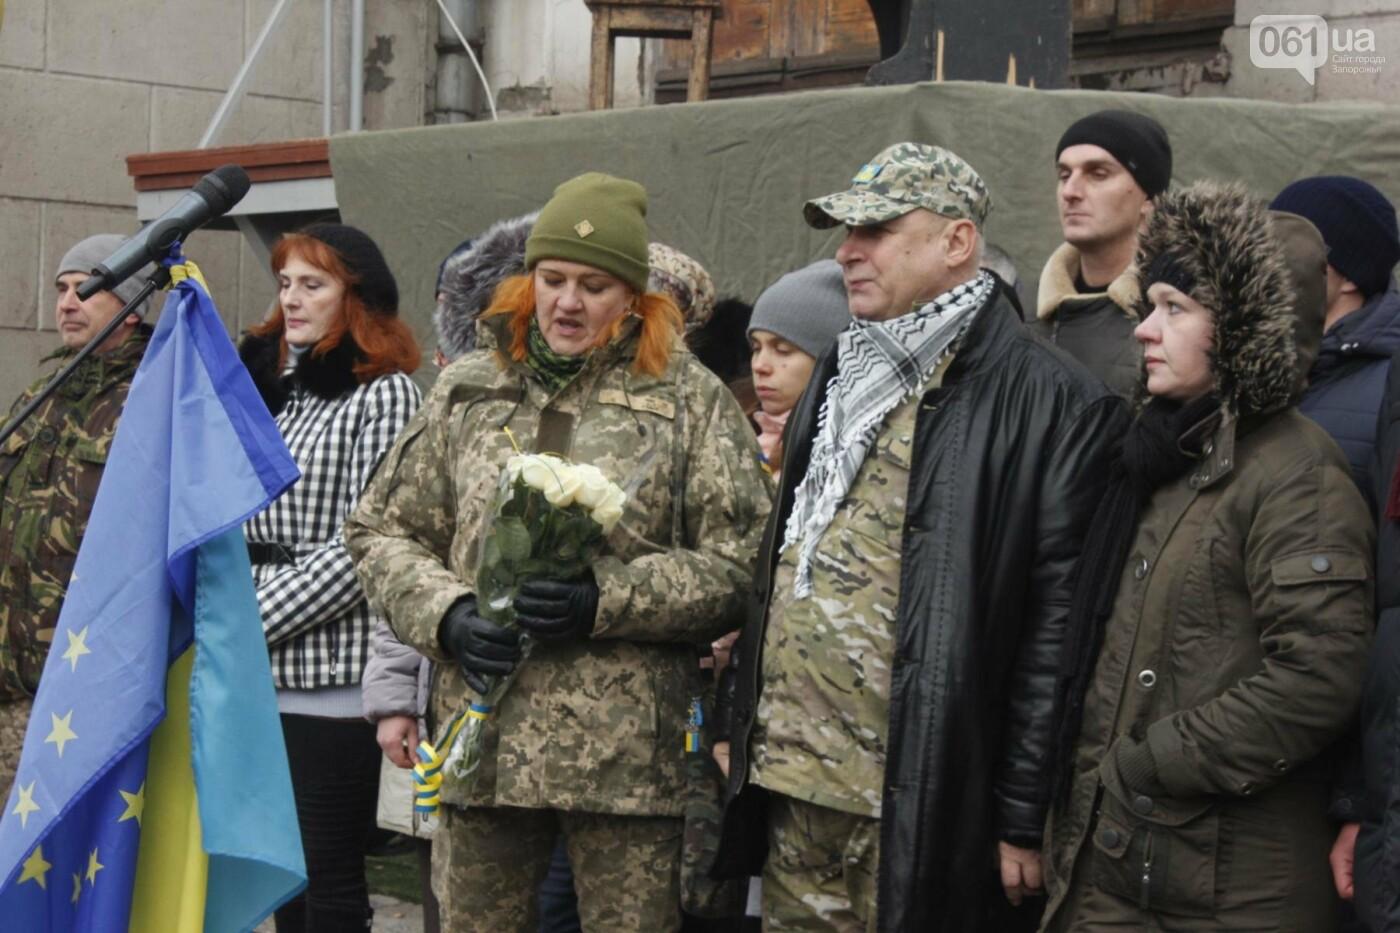 В Запорожье актеры на улице читали стихи о Майдане, - ФОТОРЕПОРТАЖ, фото-18